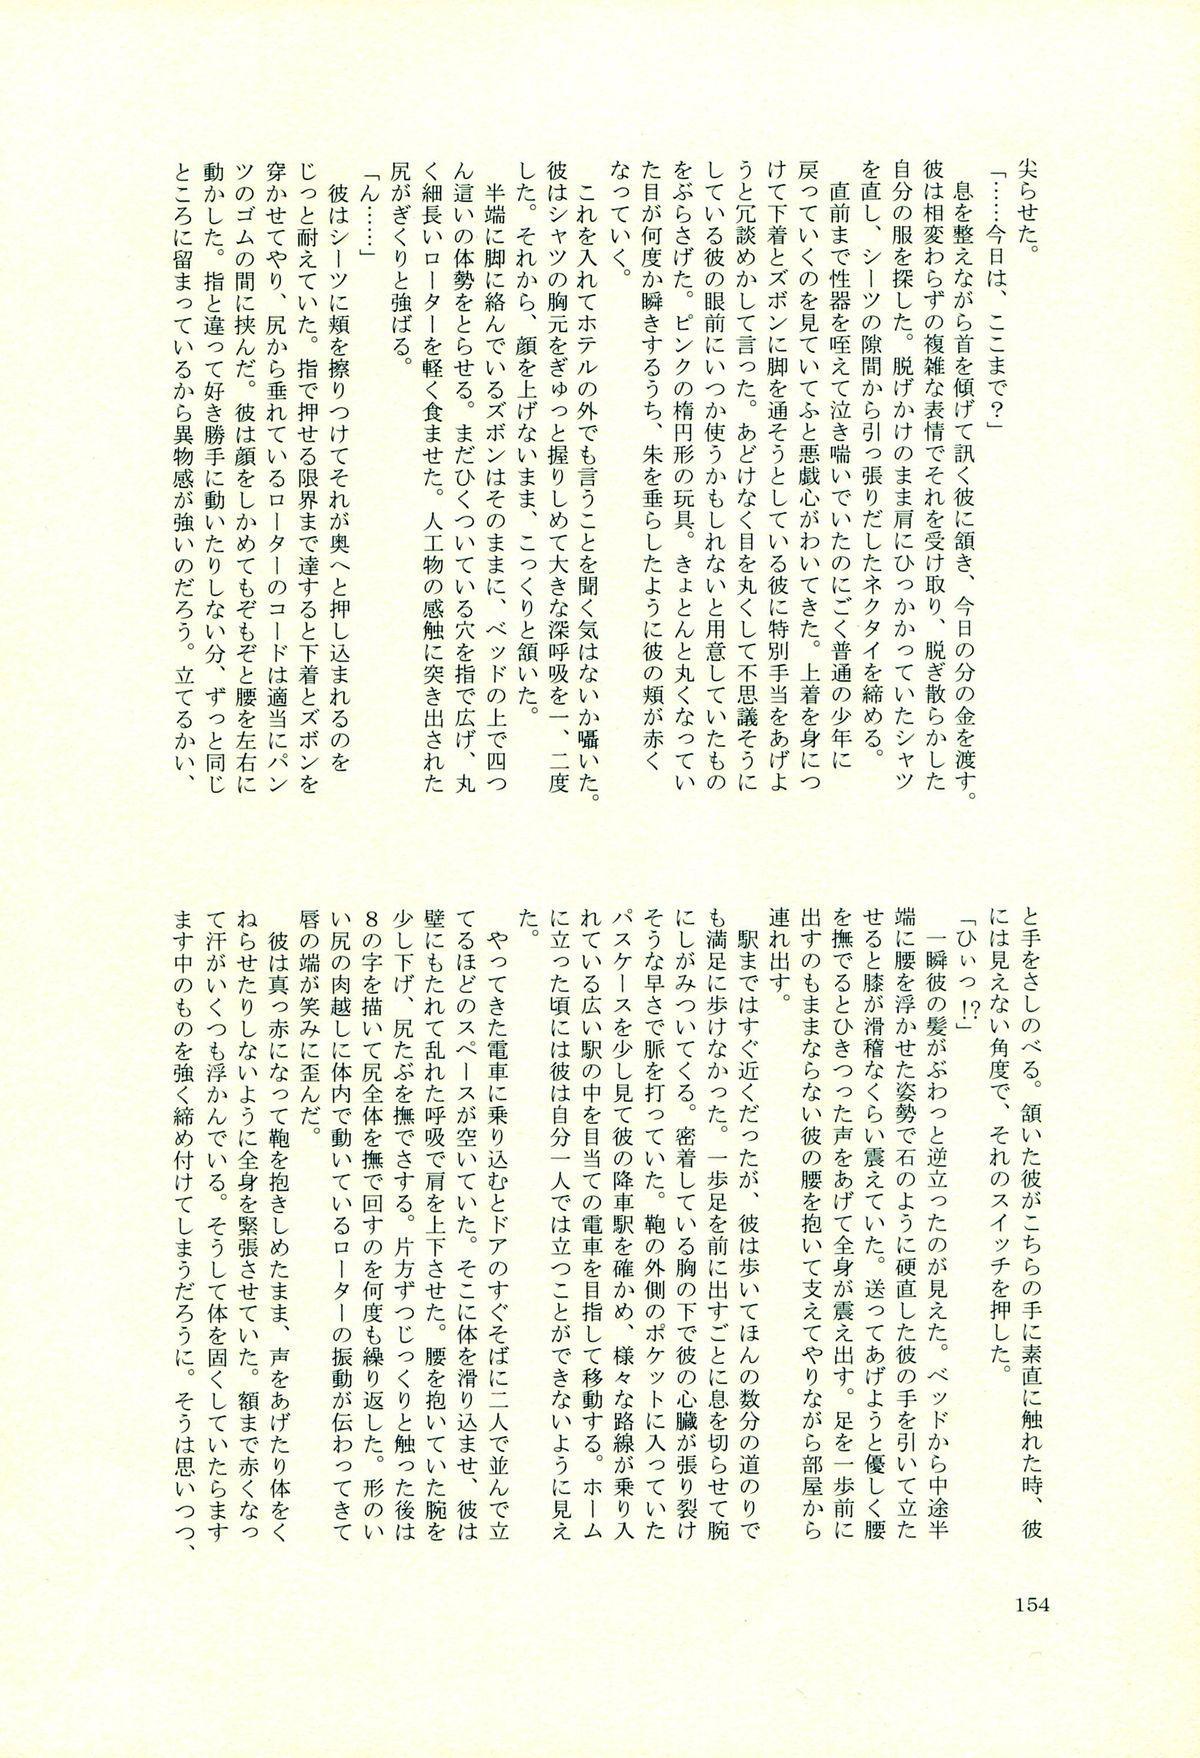 Hinata Hajime no Himitsu no Jikan 152